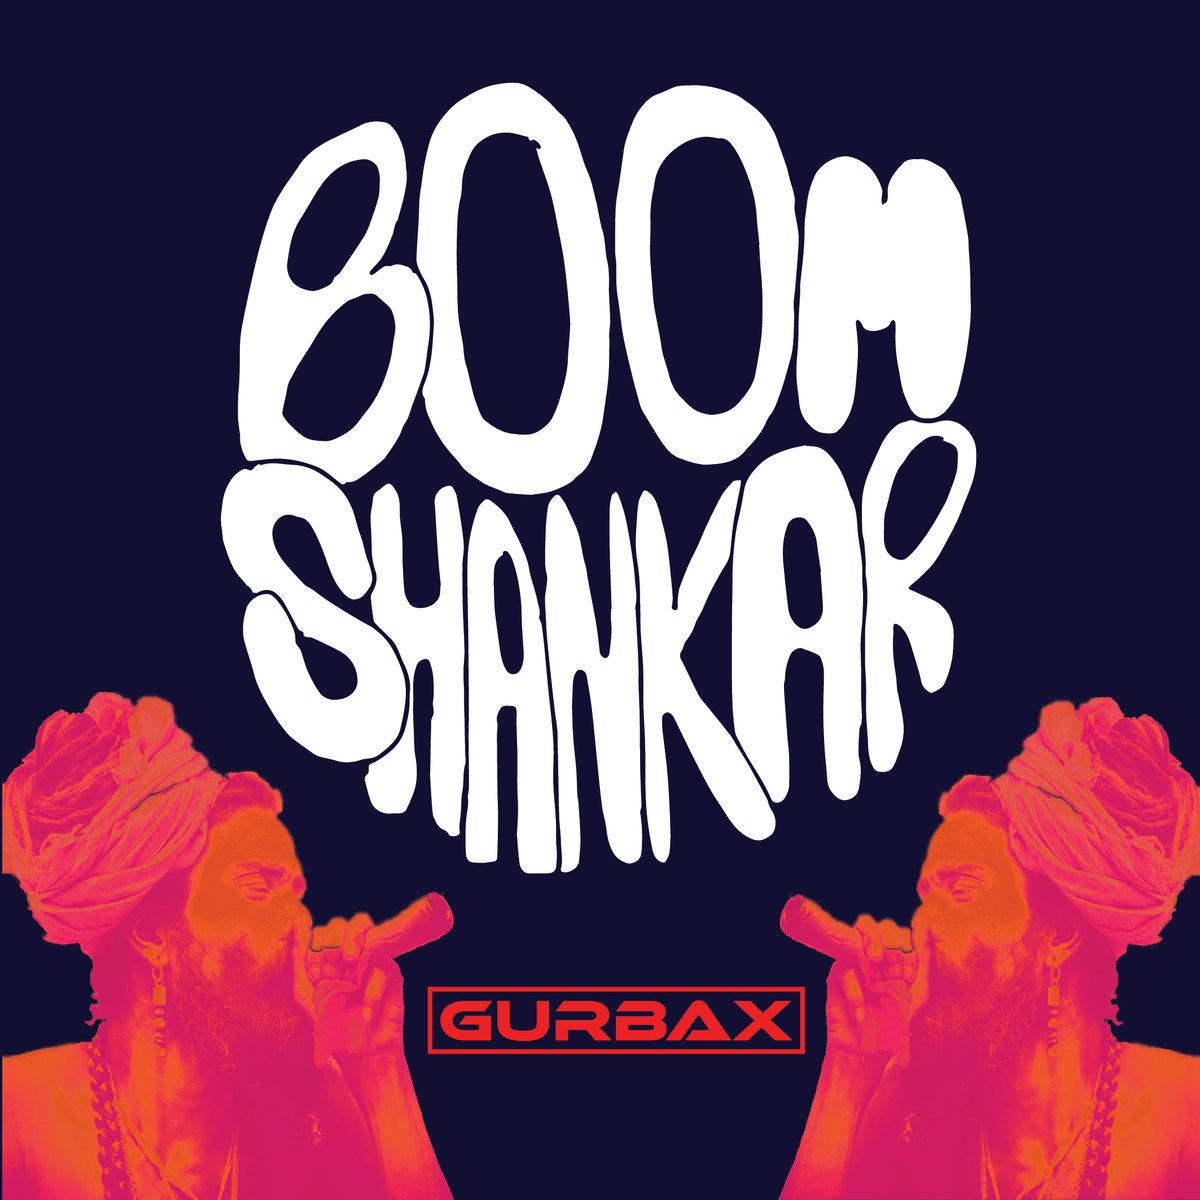 Boom Shankar | GURBAX